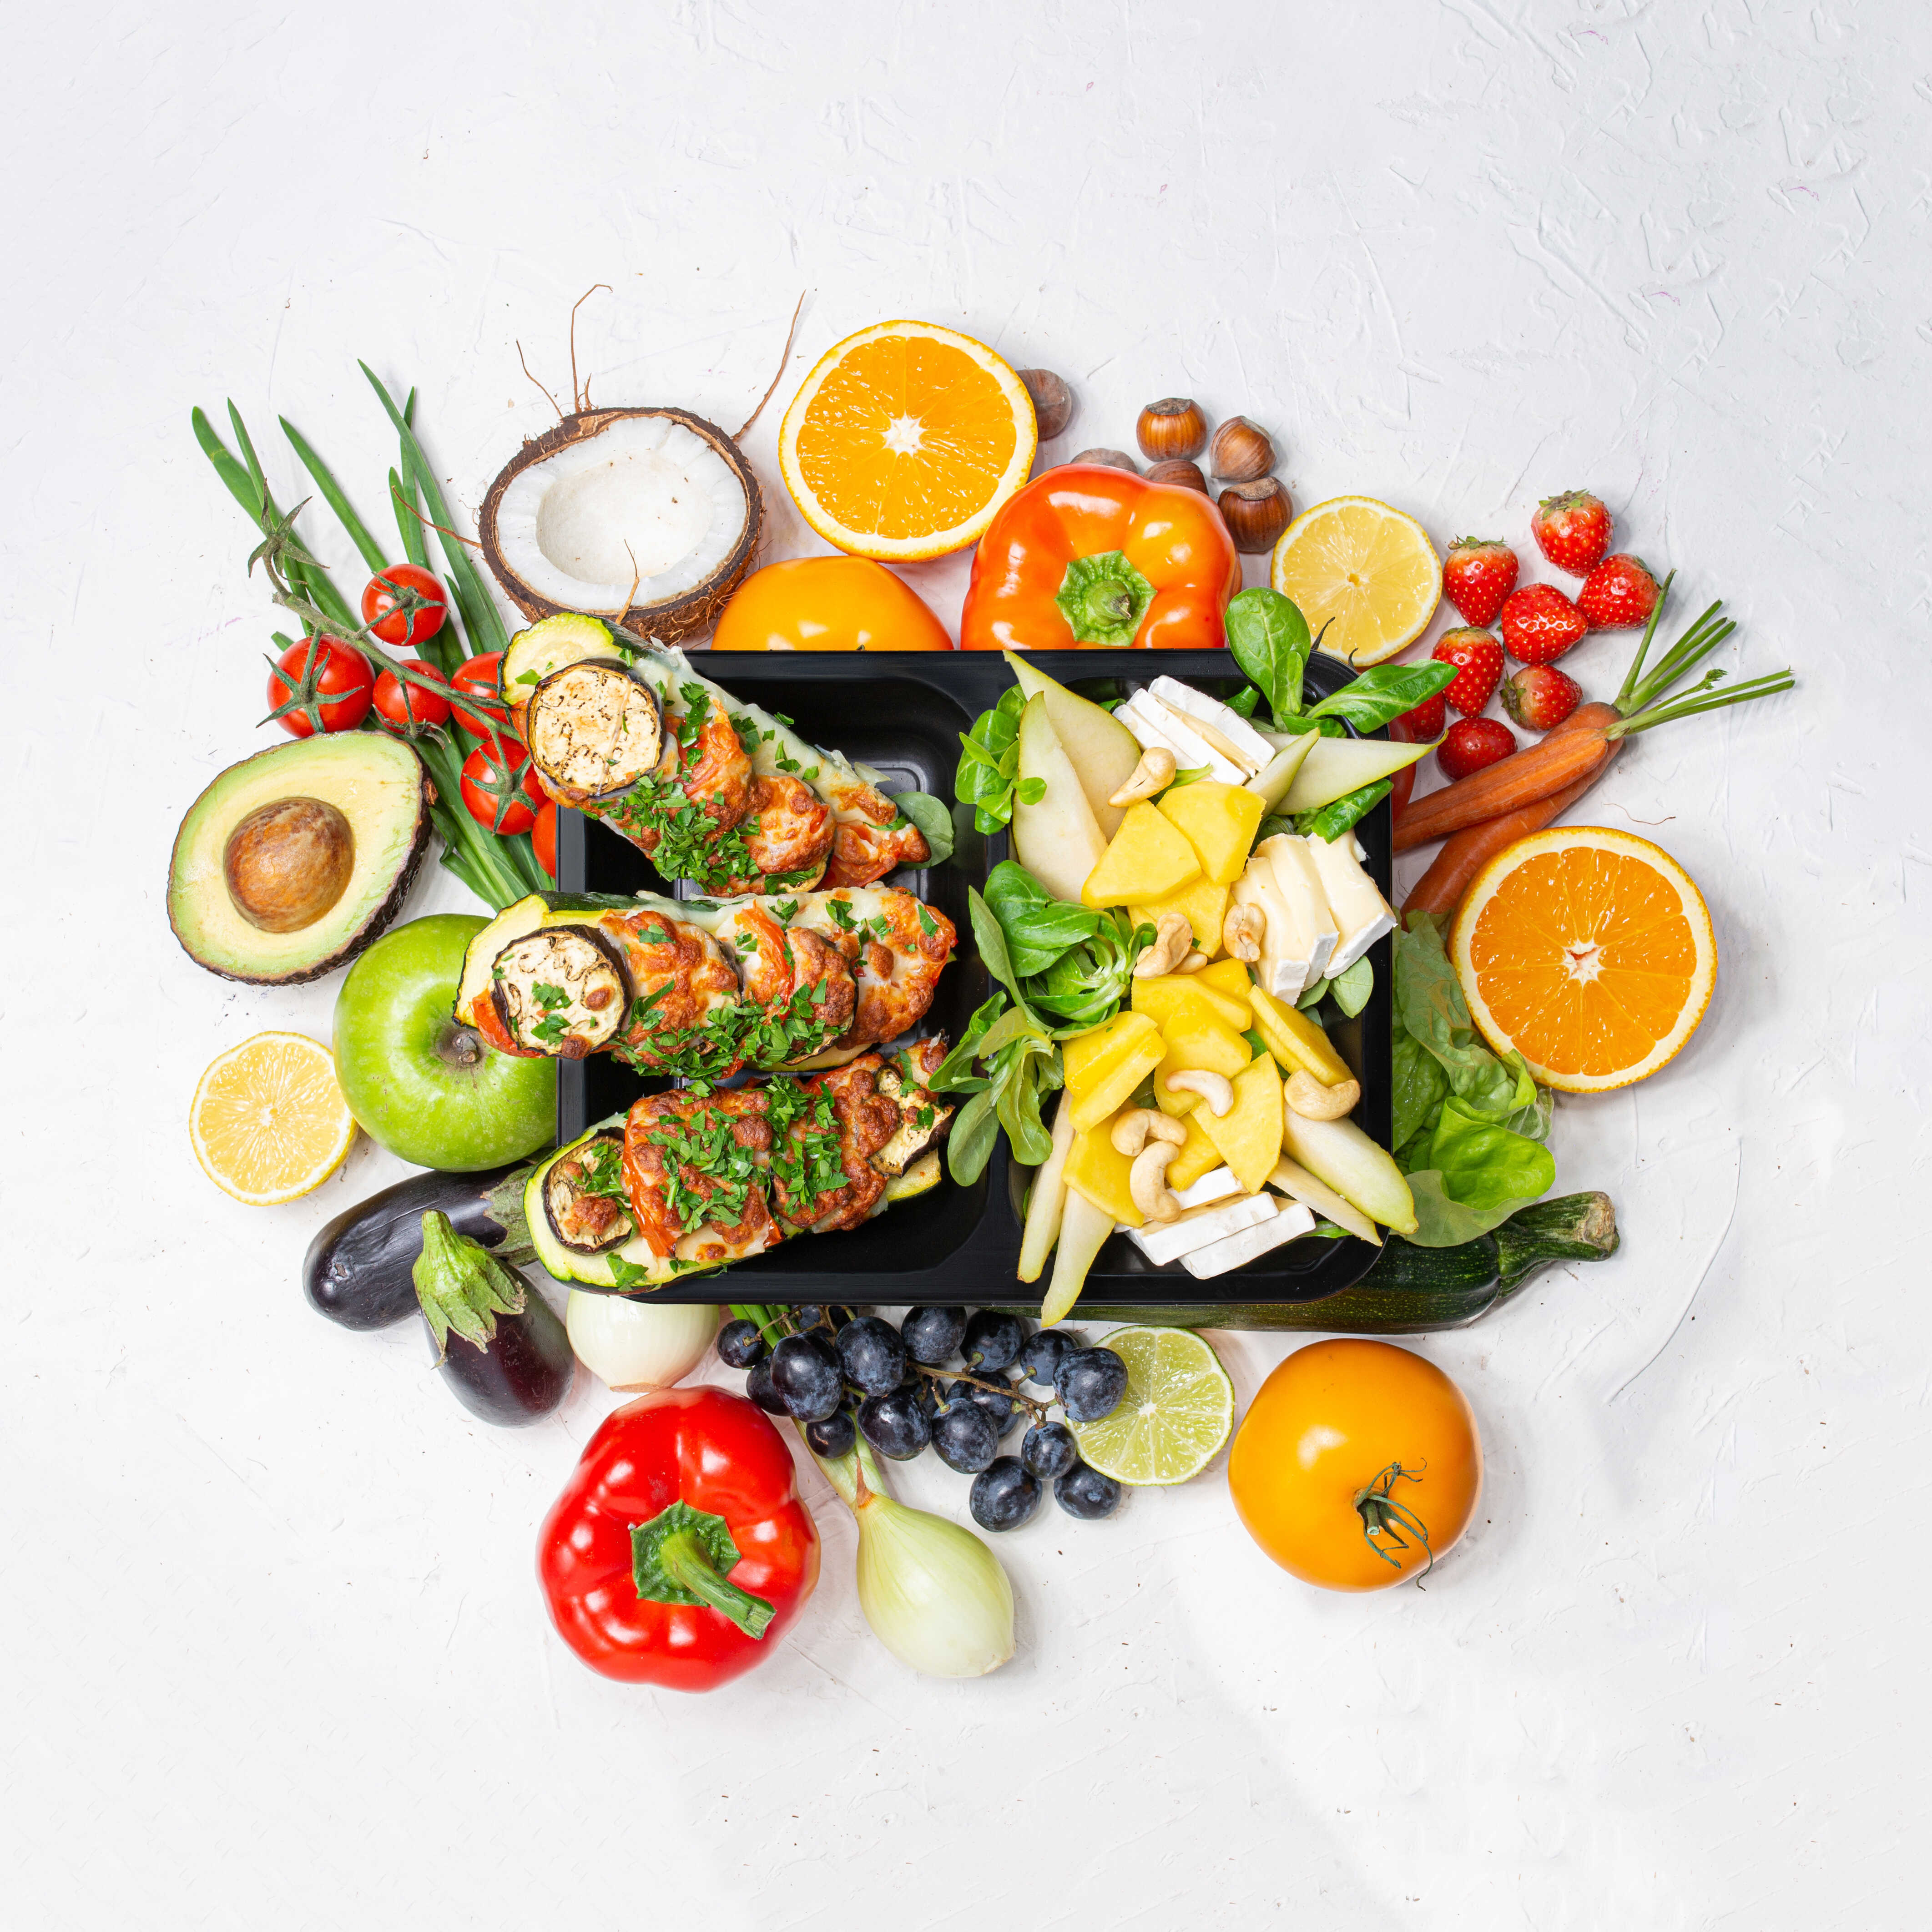 Nie lubisz gotować, a chcesz jeść mądrze? Postaw na dietę pudełkową! - Zdjęcie główne